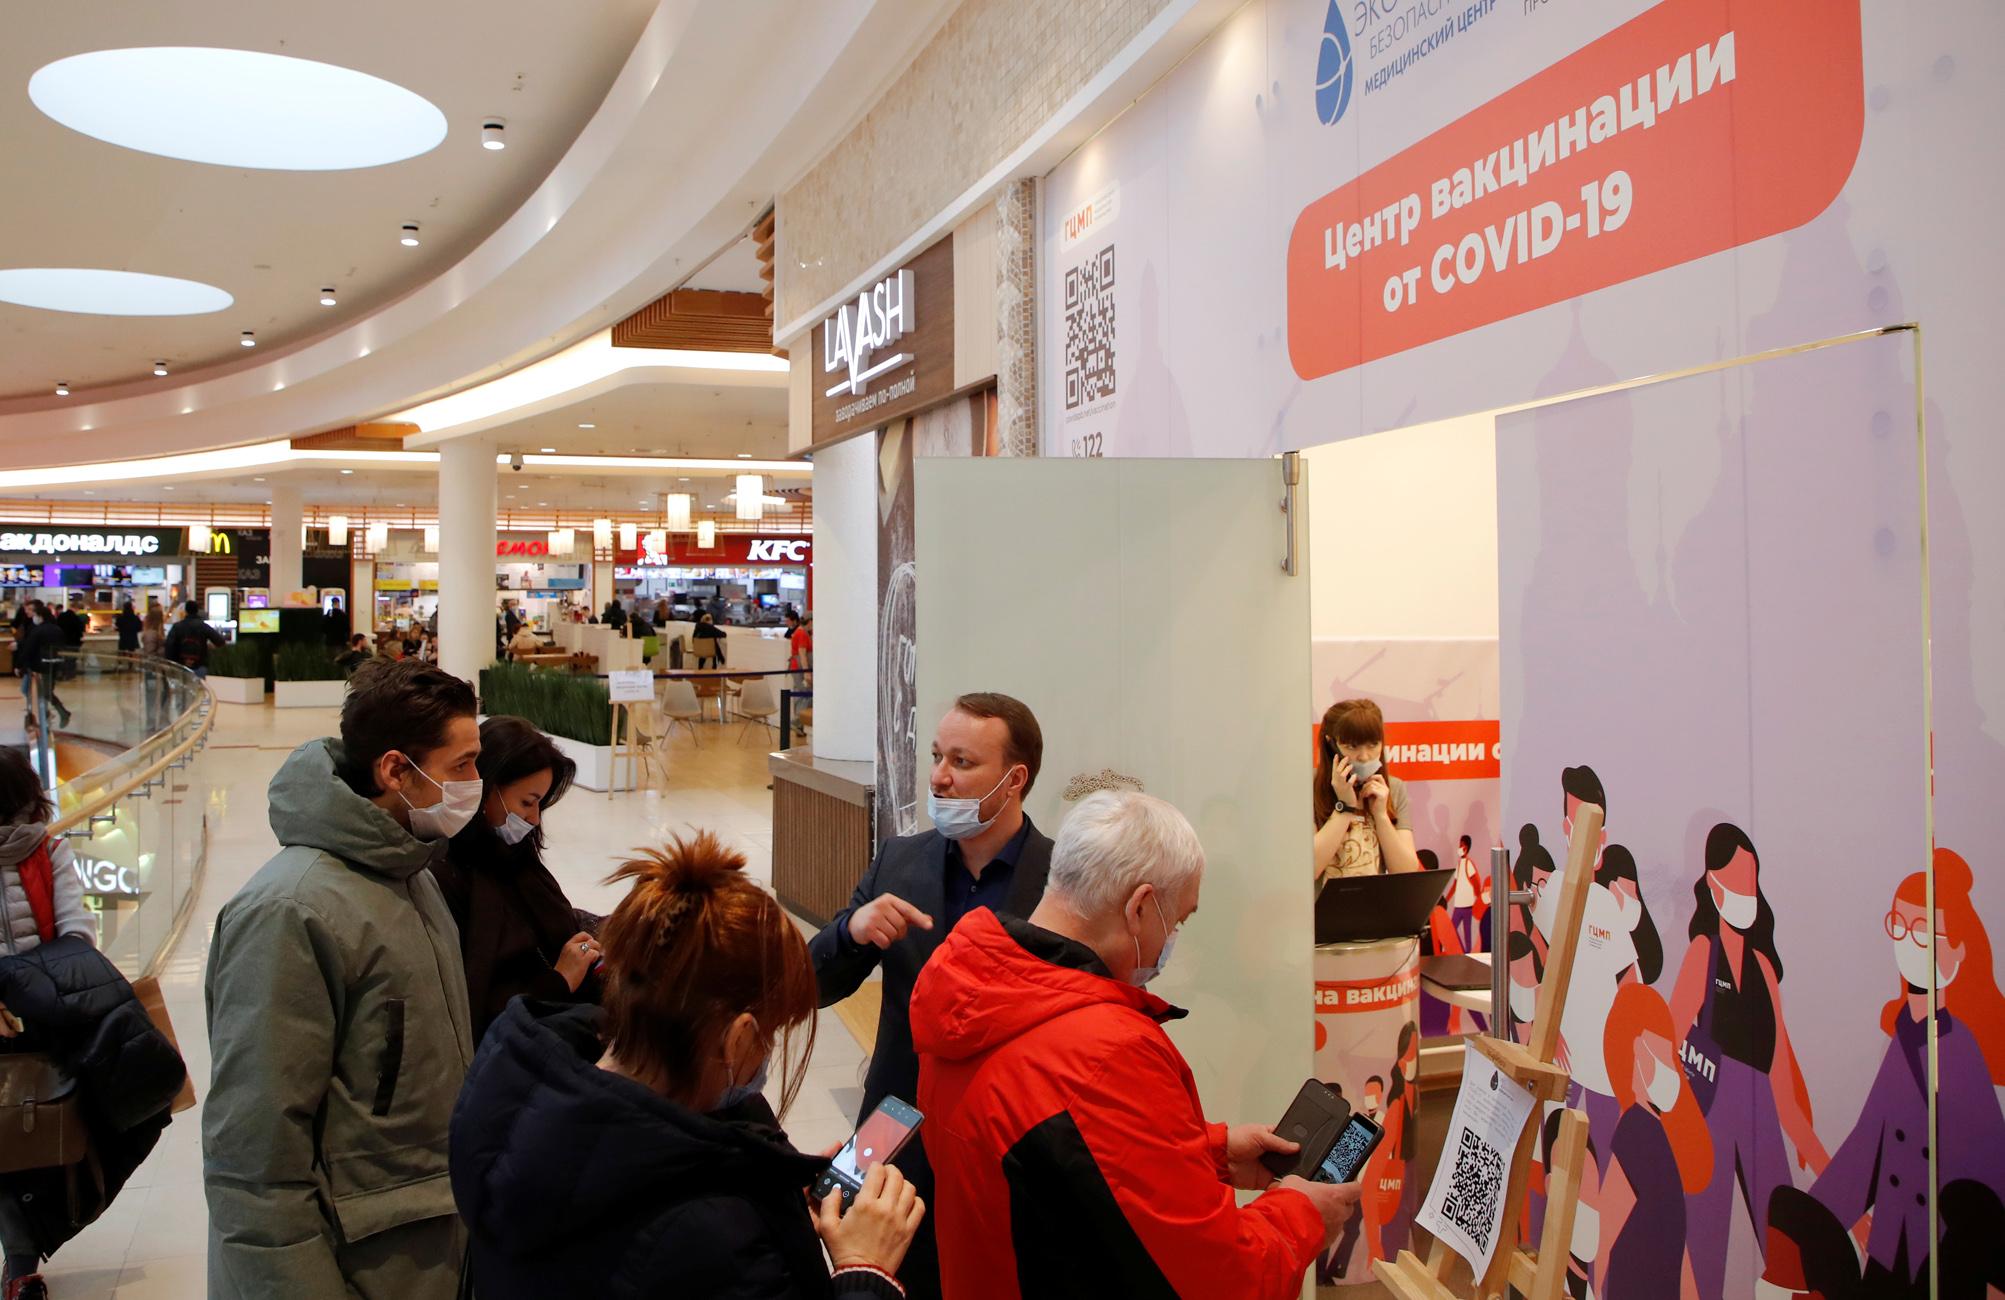 Ρωσία – κορονοϊός: Ξεπέρασε τα 4,5 εκατομμύρια κρούσματα